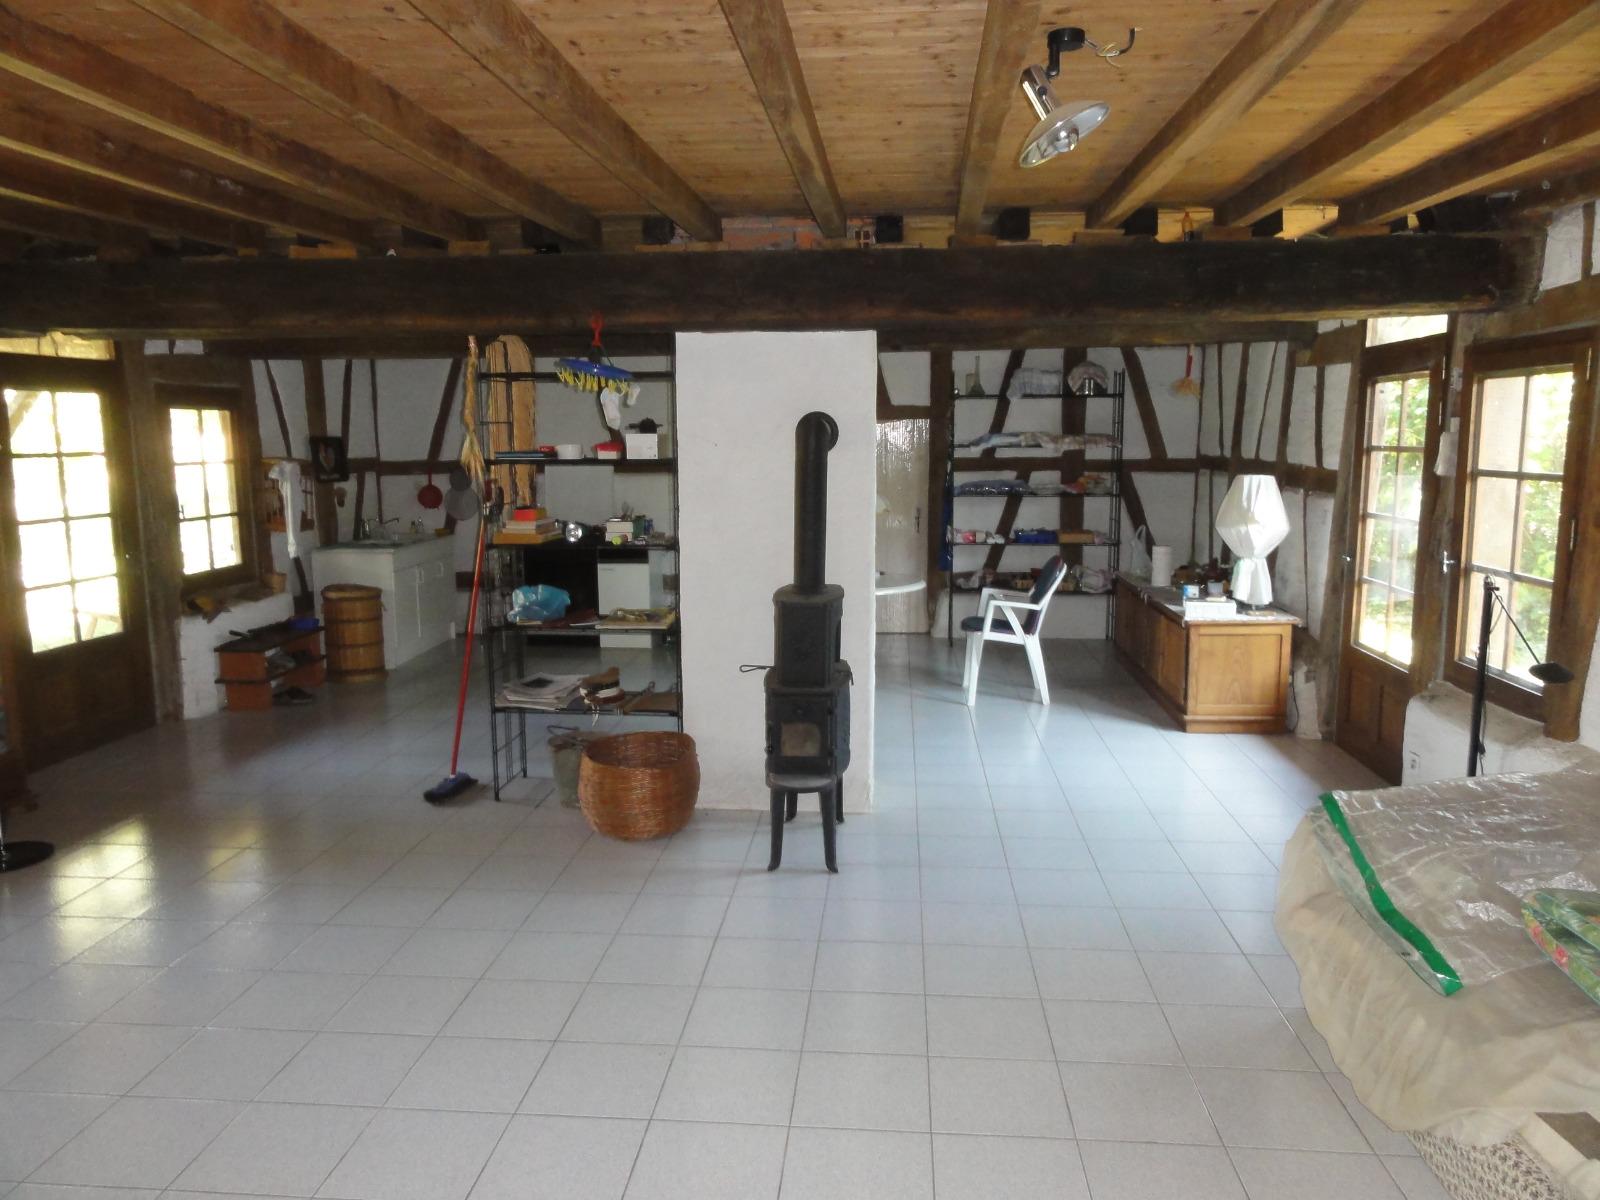 achat maison st germain du plain 71370 proche verdun sur le doubs 4 pi ces dont 1 chambre s. Black Bedroom Furniture Sets. Home Design Ideas